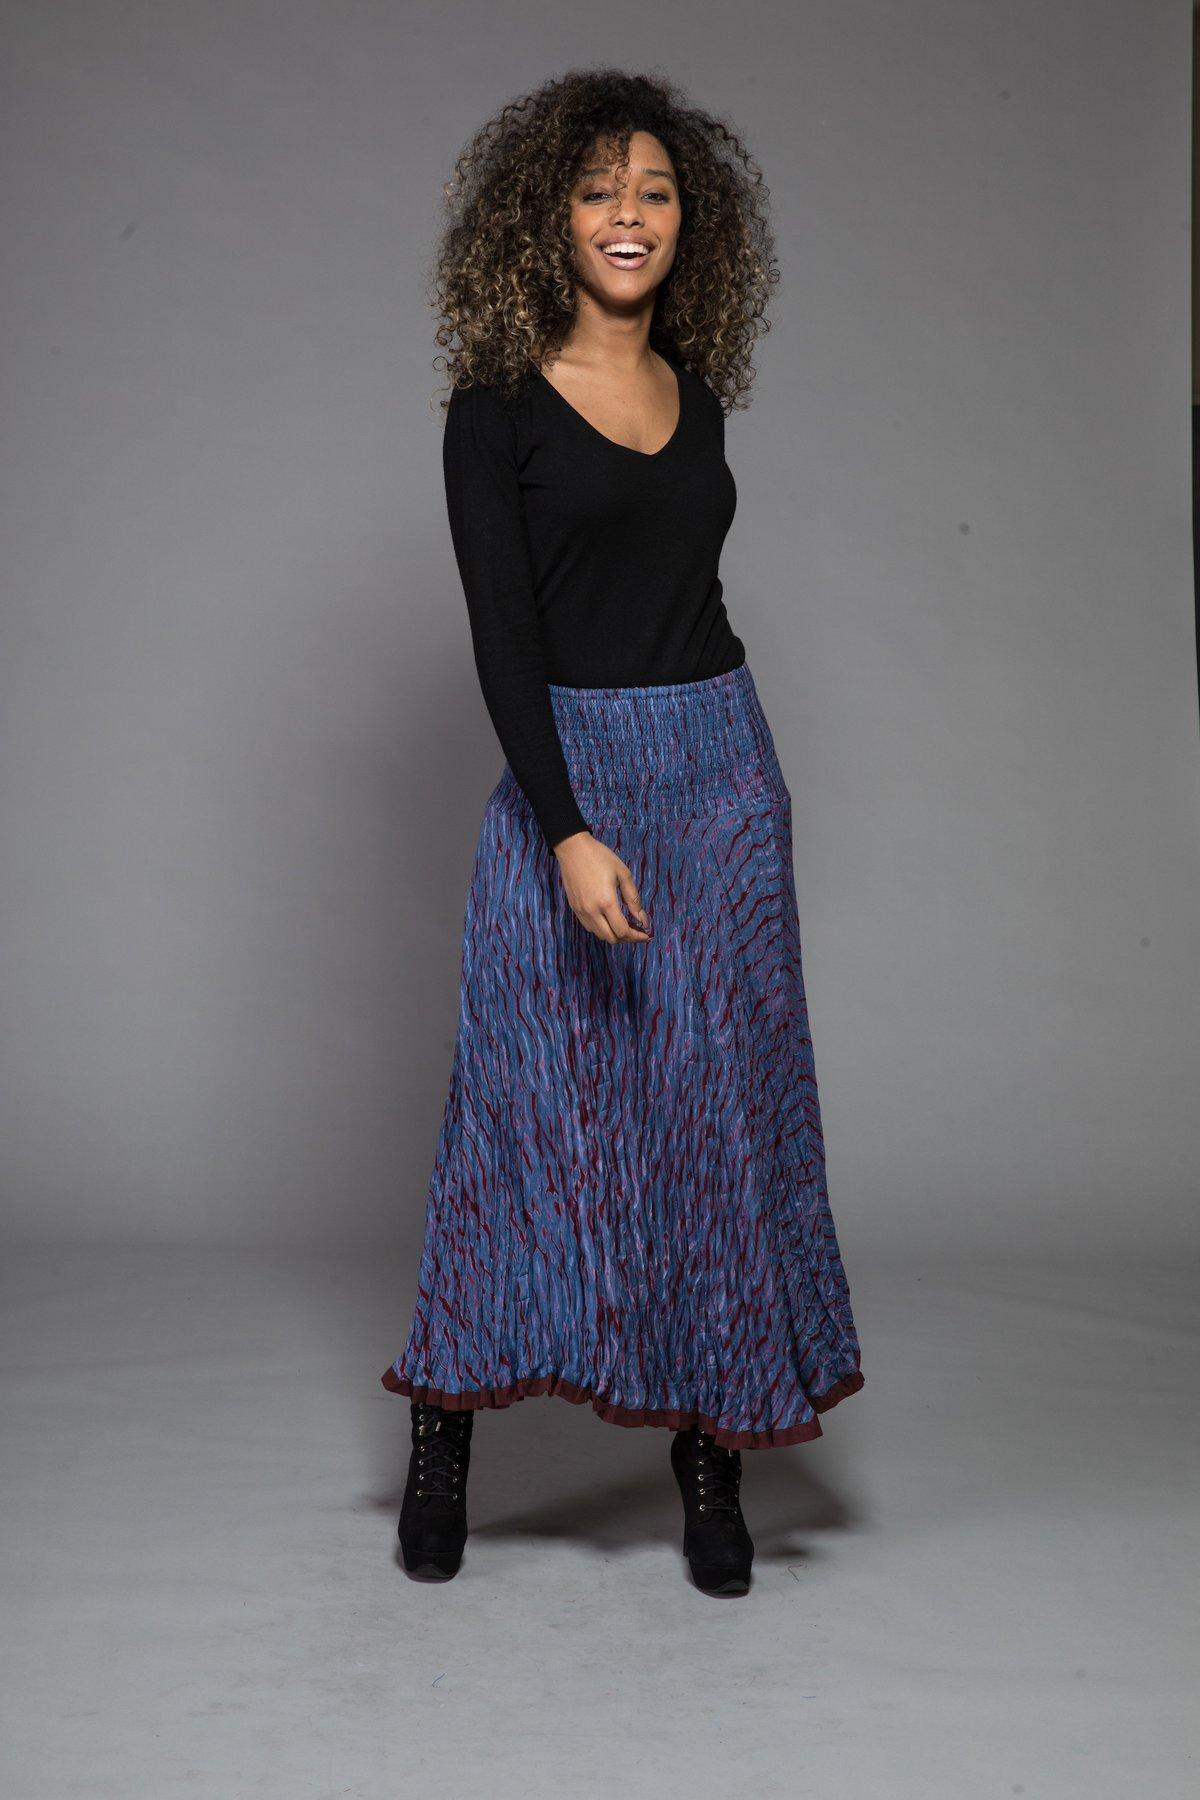 Shibori Dyed Skirt Made Of Sustainable Moss Crepe – Nila Rubia